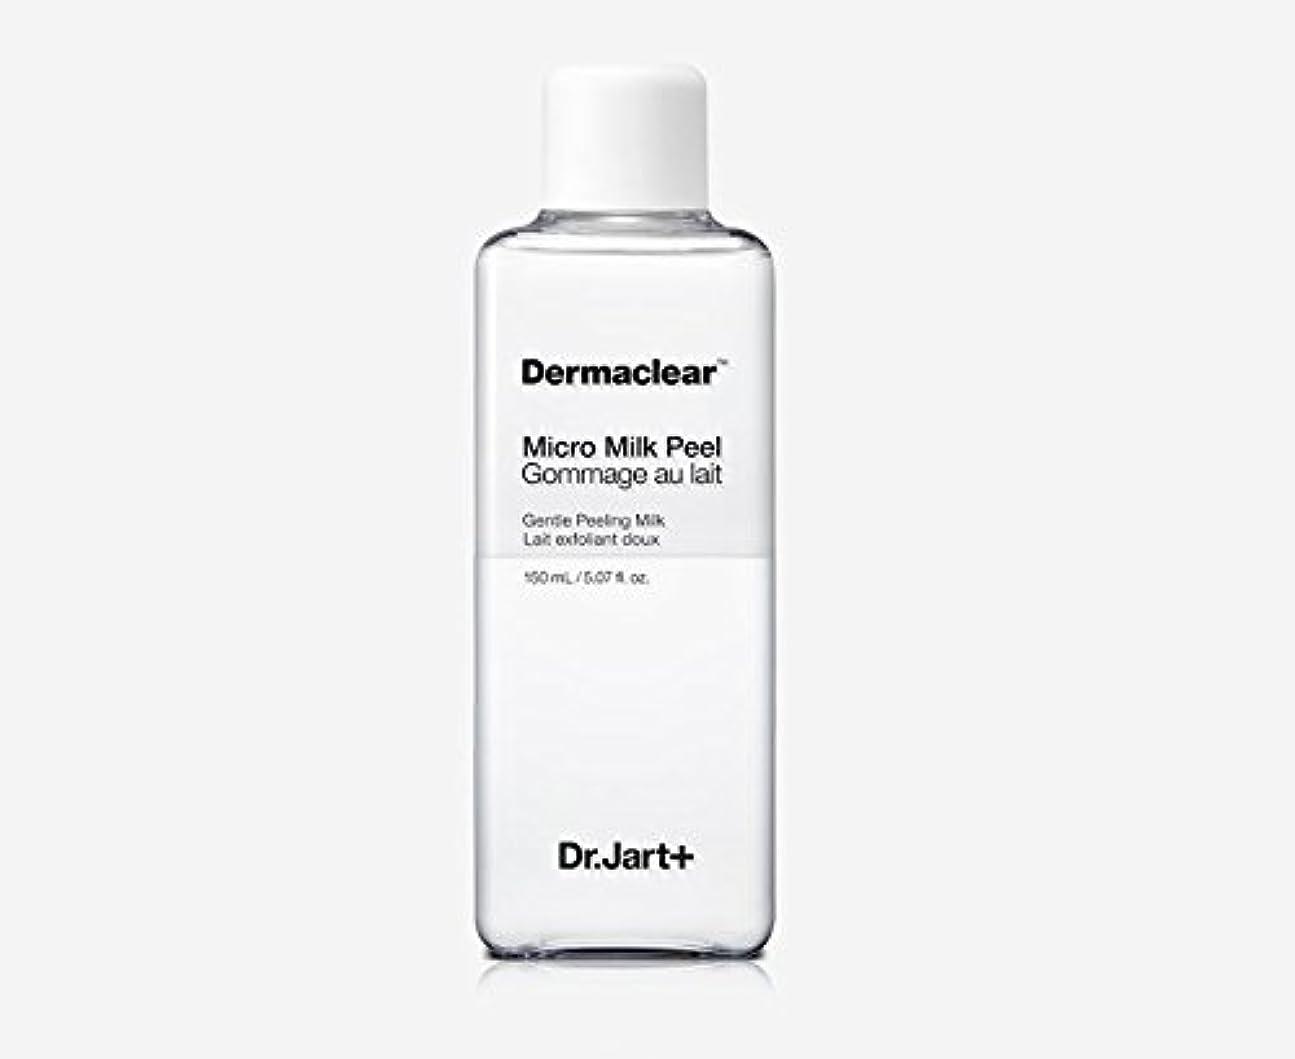 あらゆる種類の負荷フェデレーション[ドクタージャルト]Dermaclear Micro Milk Peel 150ml/[ドクタージャルト]ダーマクリアマイクロミルクピール150ml [並行輸入品]